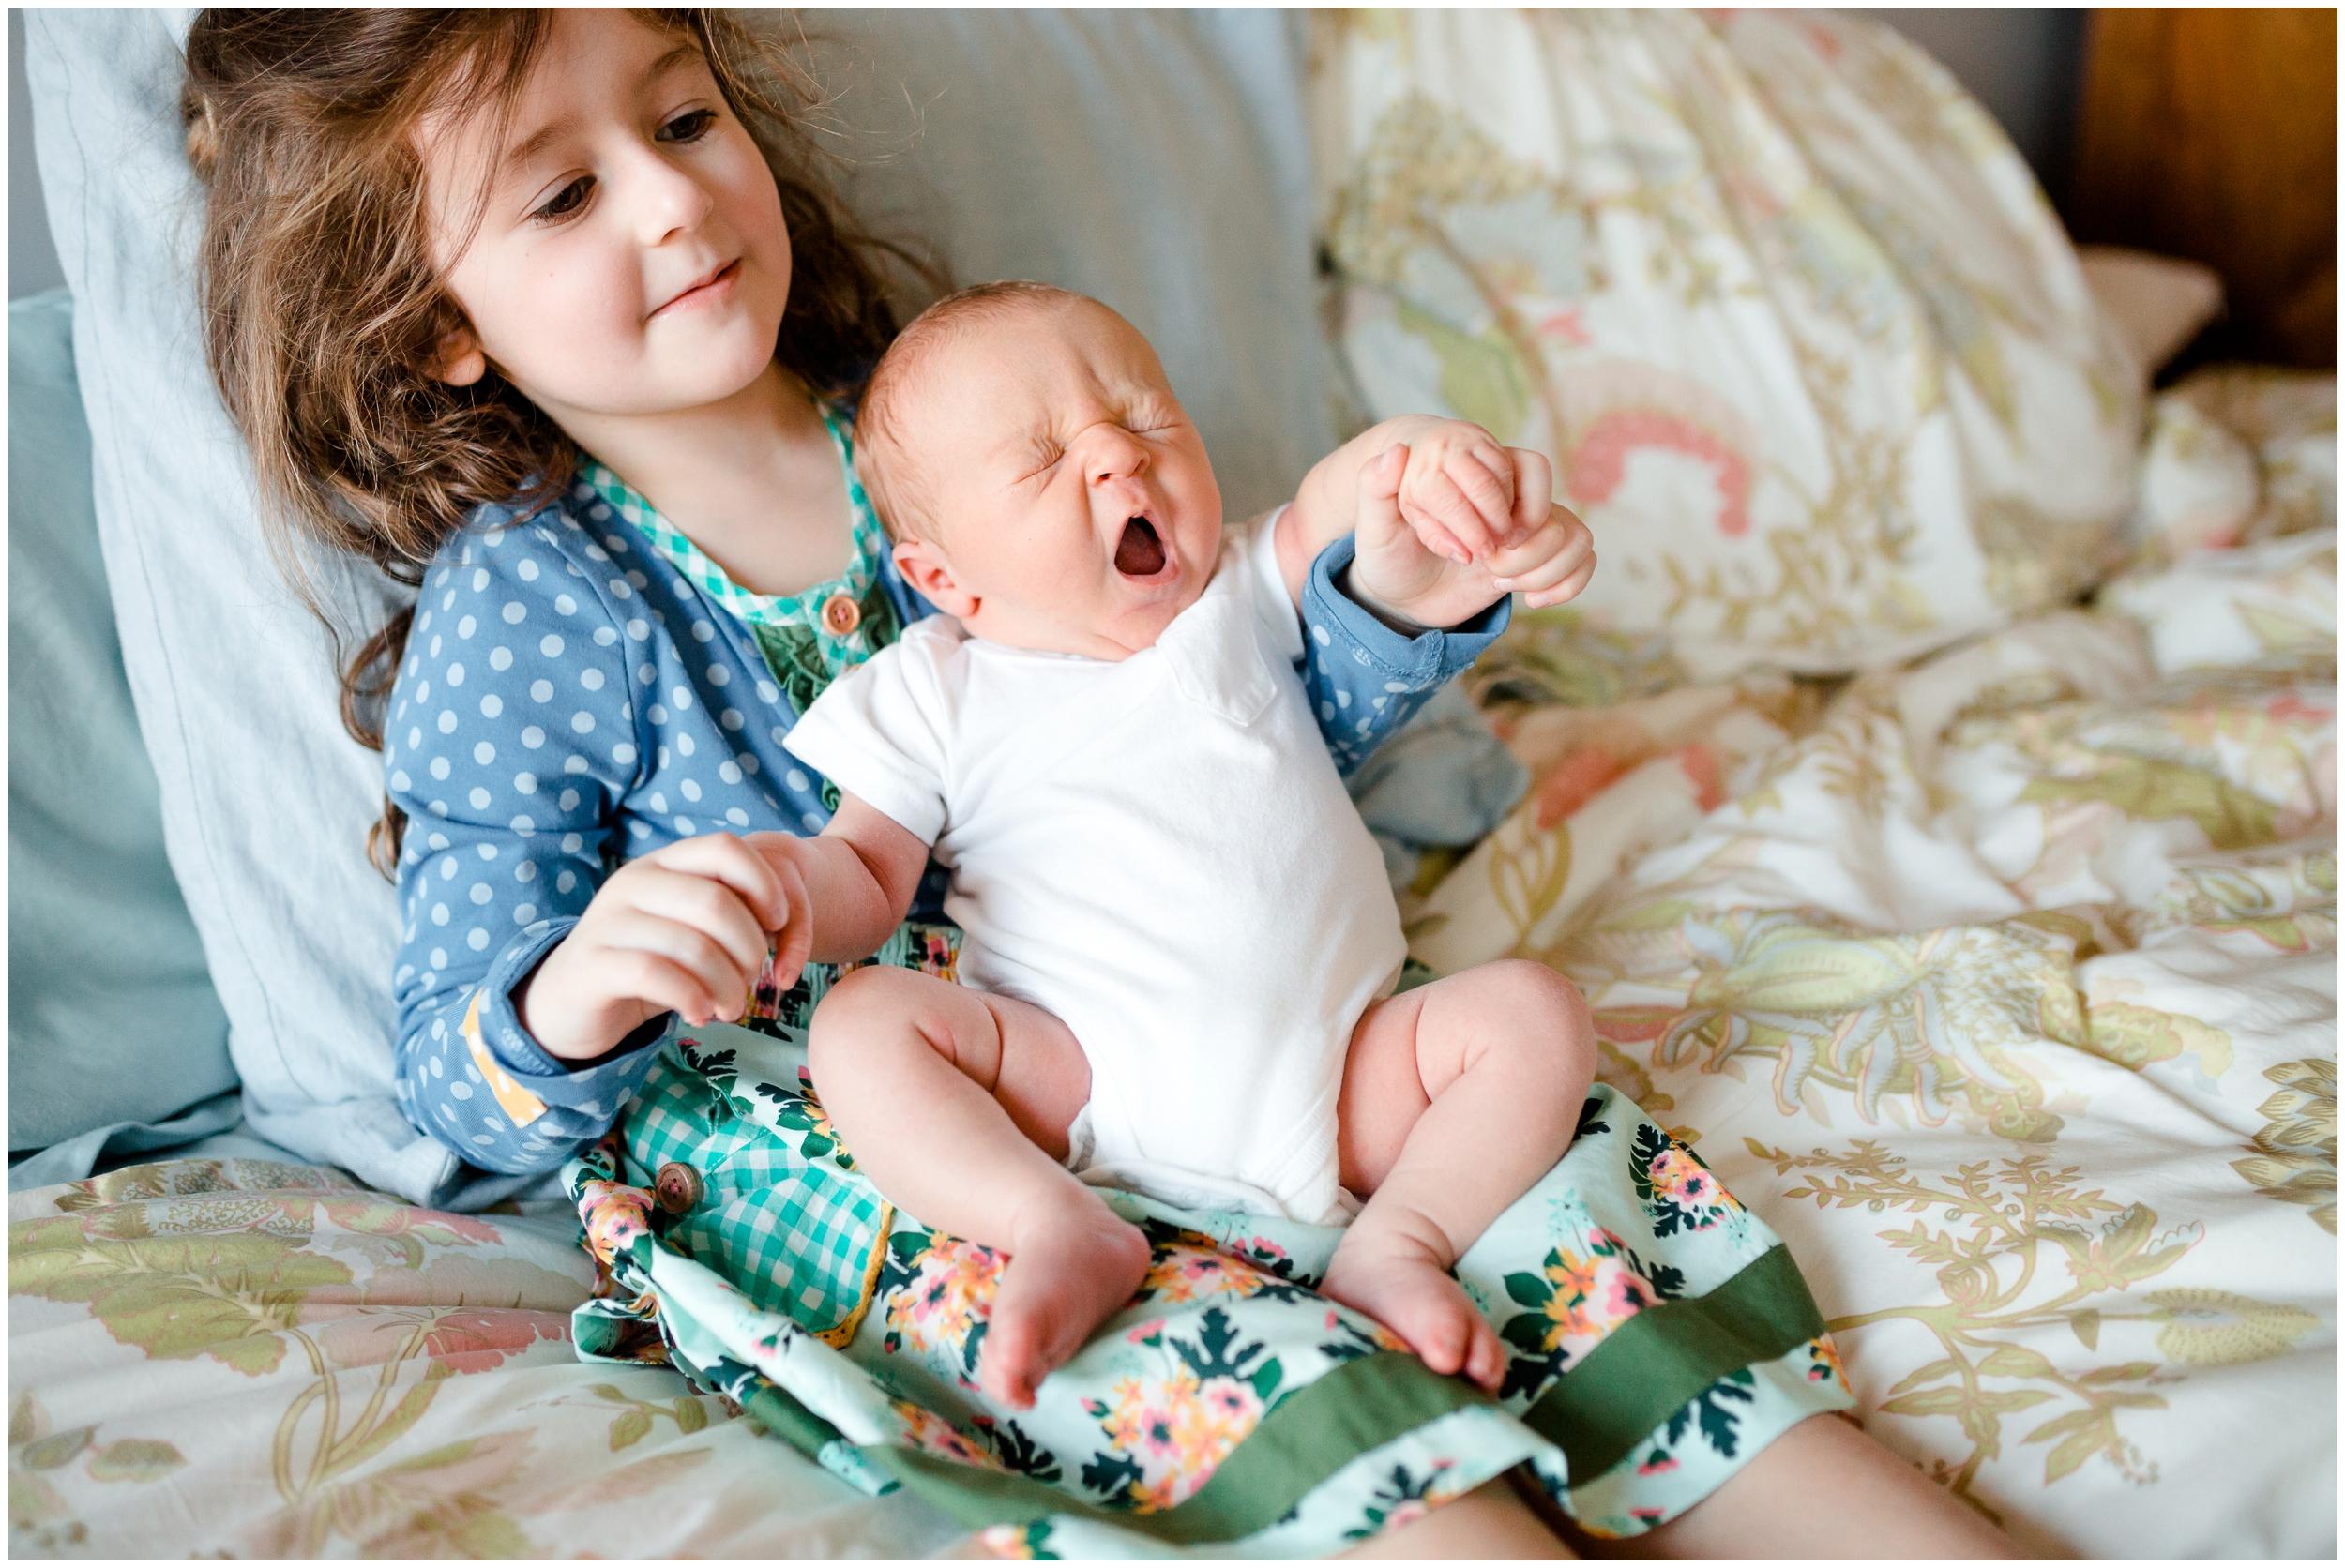 lexington-ky-family-lifestyle-photography-Priscilla-Baierlein-Photography_0233.jpg